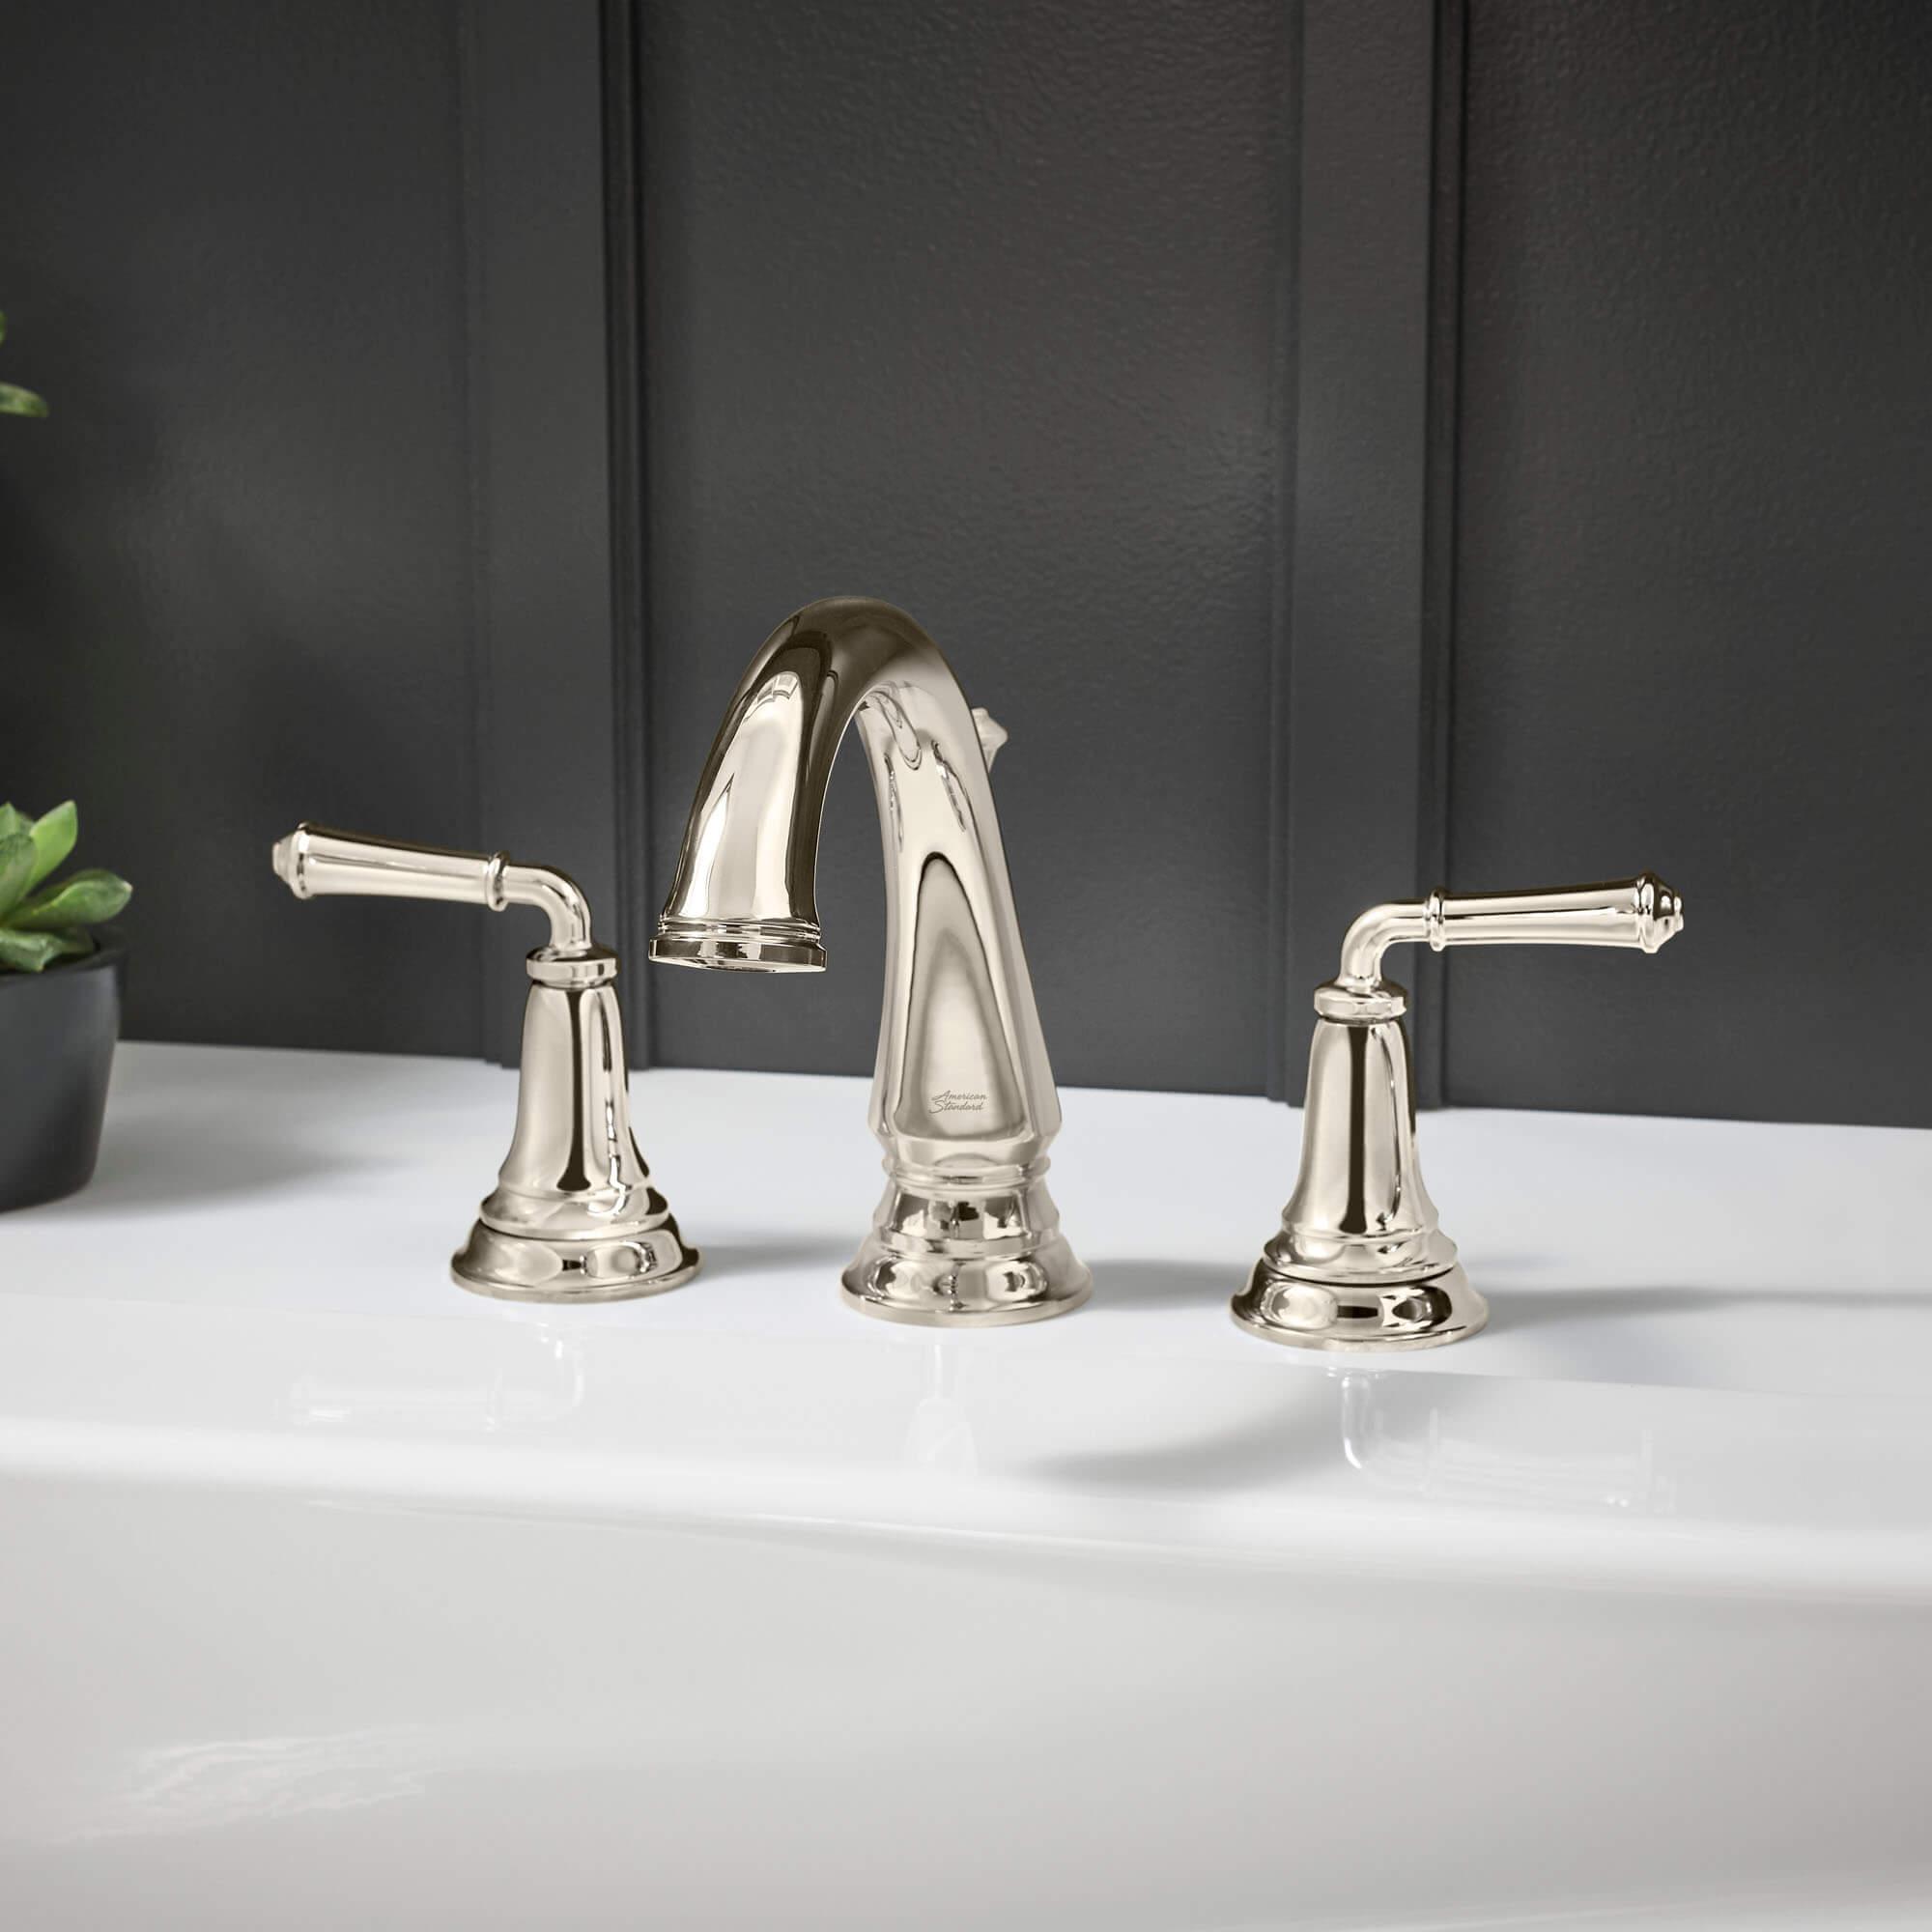 Delancey Bathroom Faucet